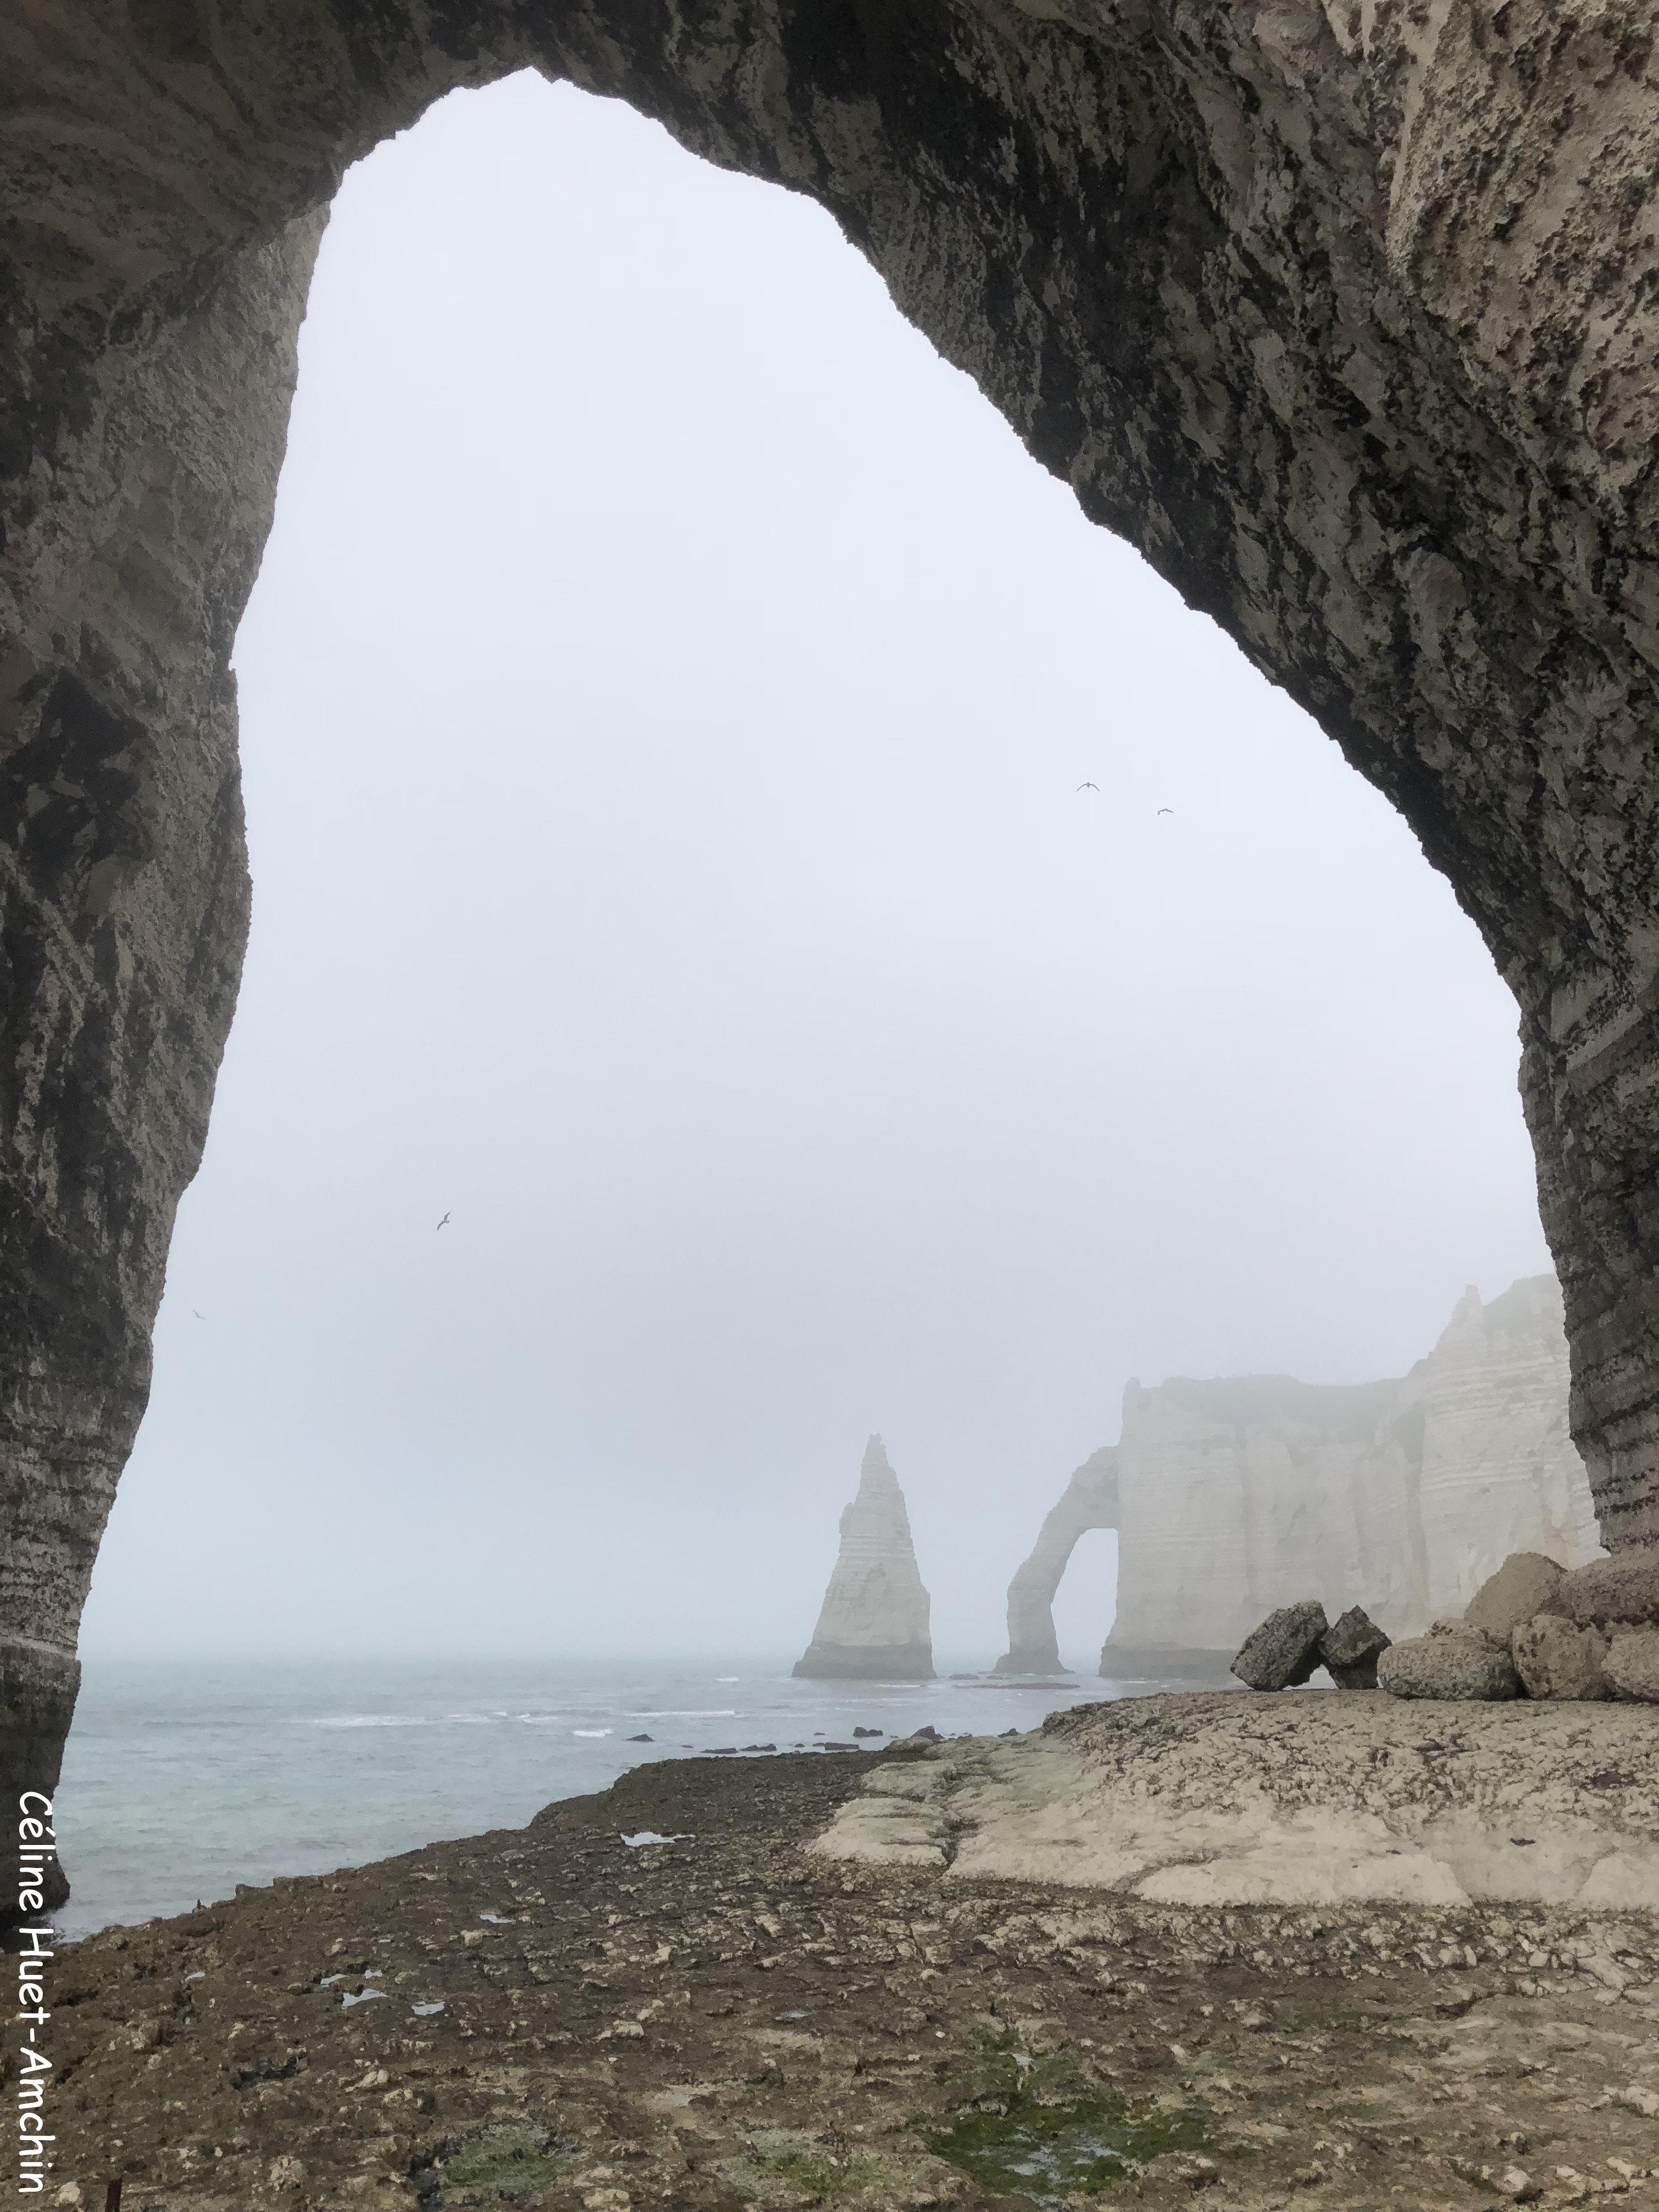 La Porte et l'Aiguille d'Aval depuis la Manneporte Etretat Normandie